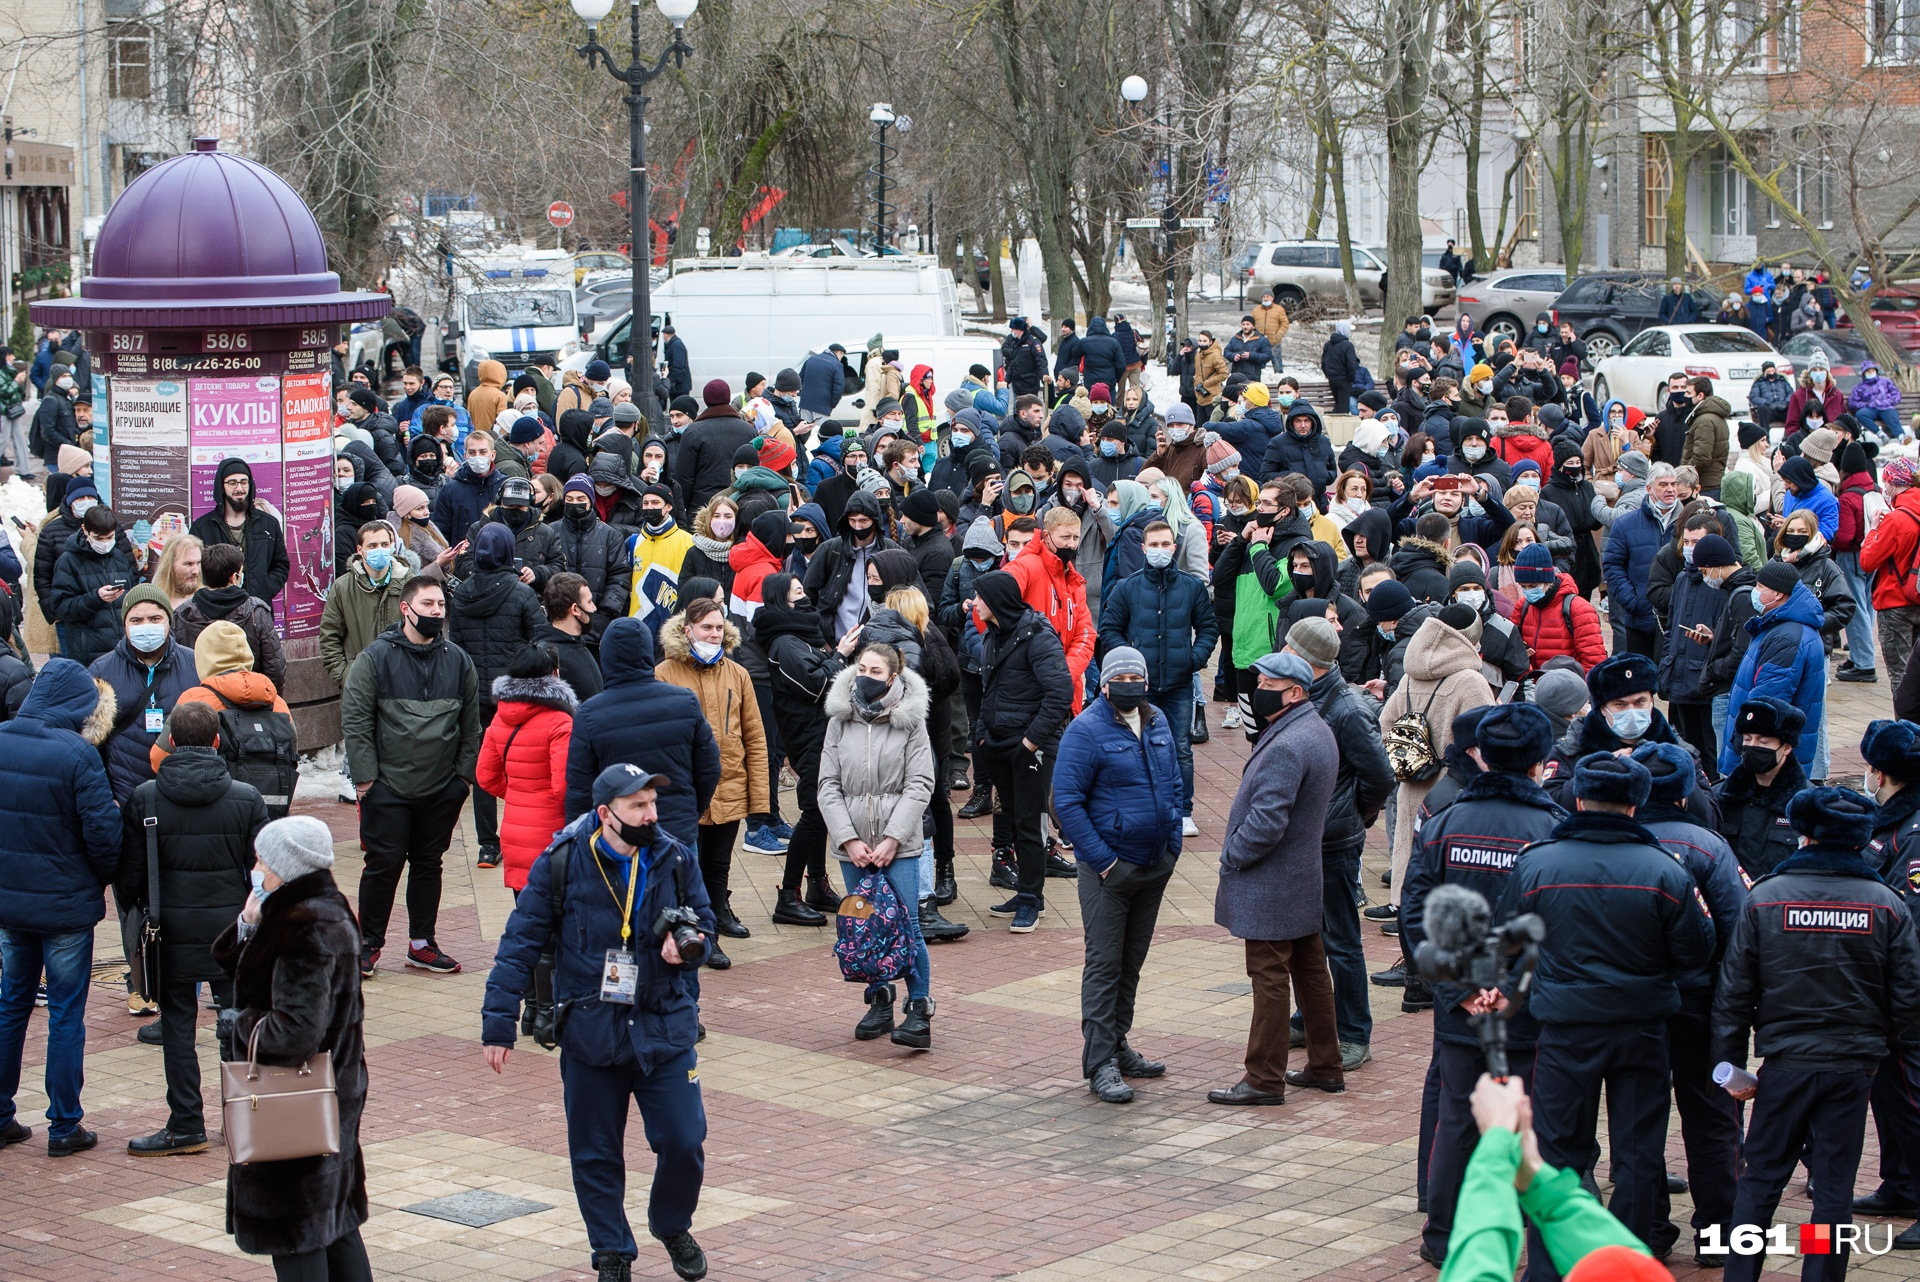 Люди начали подходить к публичной билиотеке в 13:00